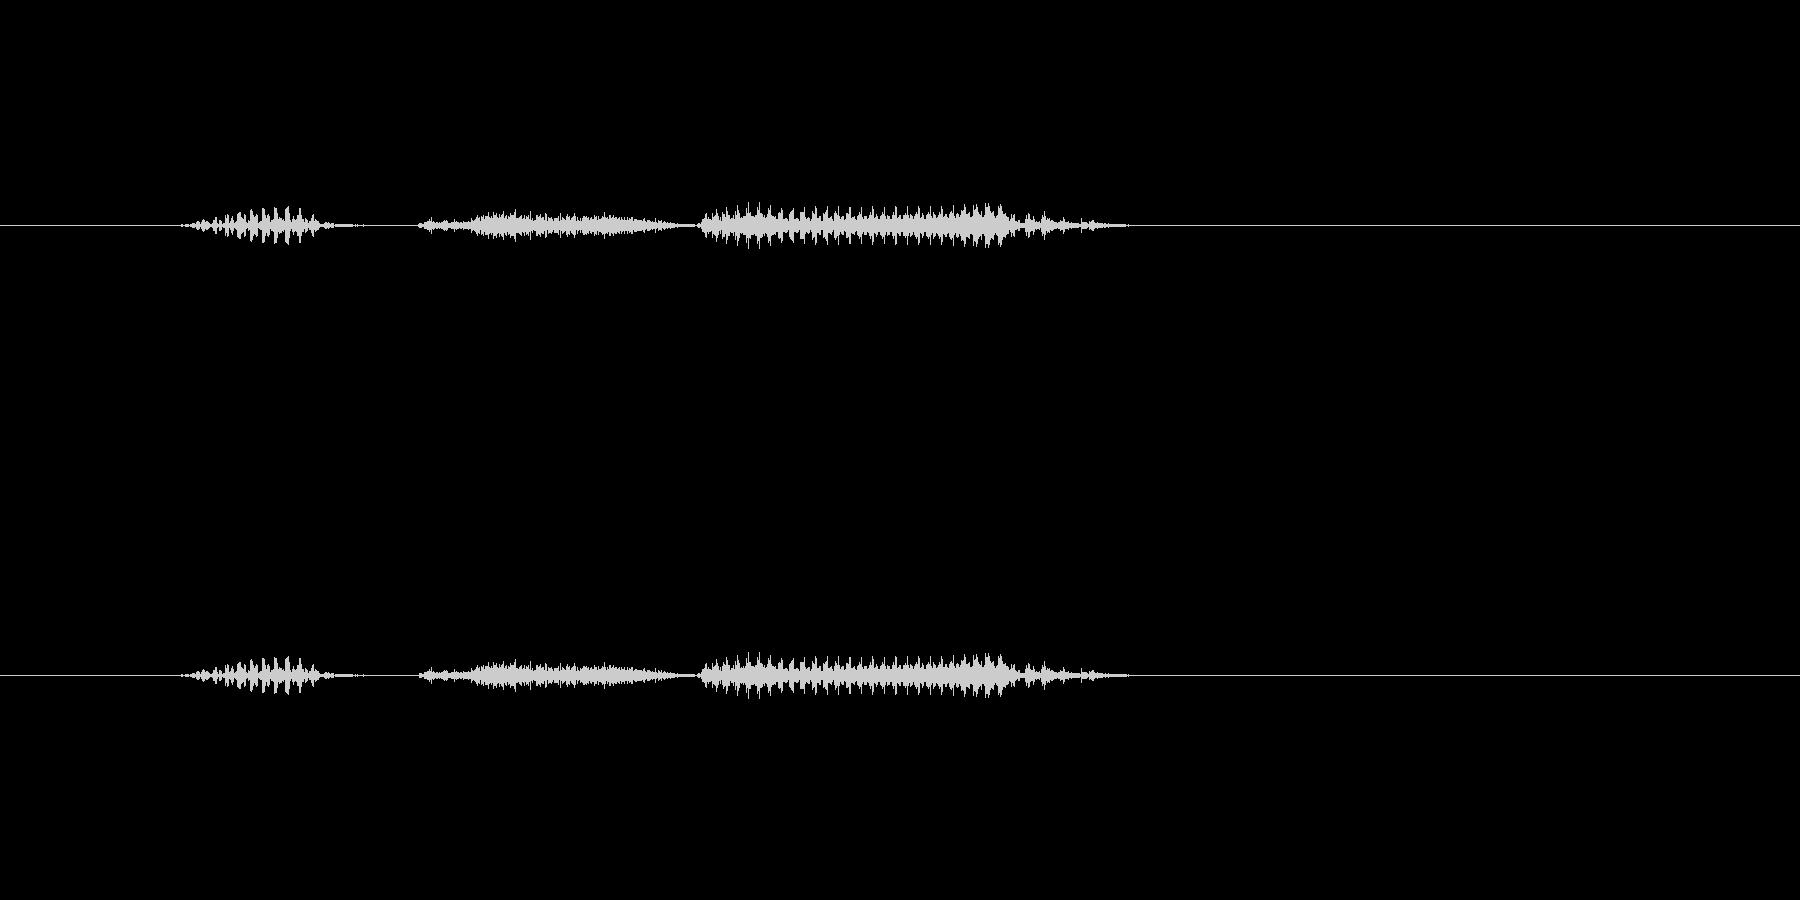 木星の未再生の波形